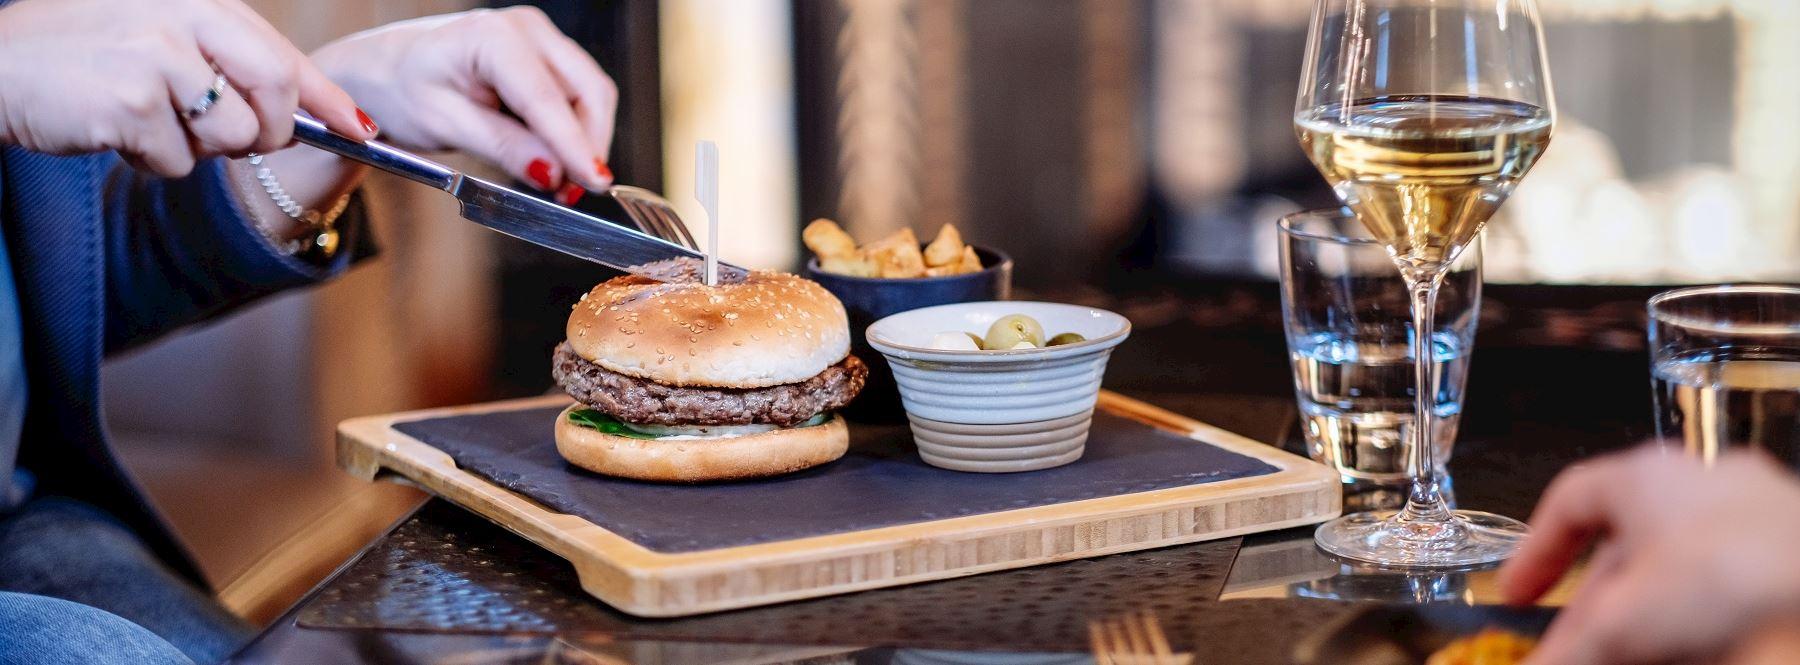 The Lounge Bar Hamburger